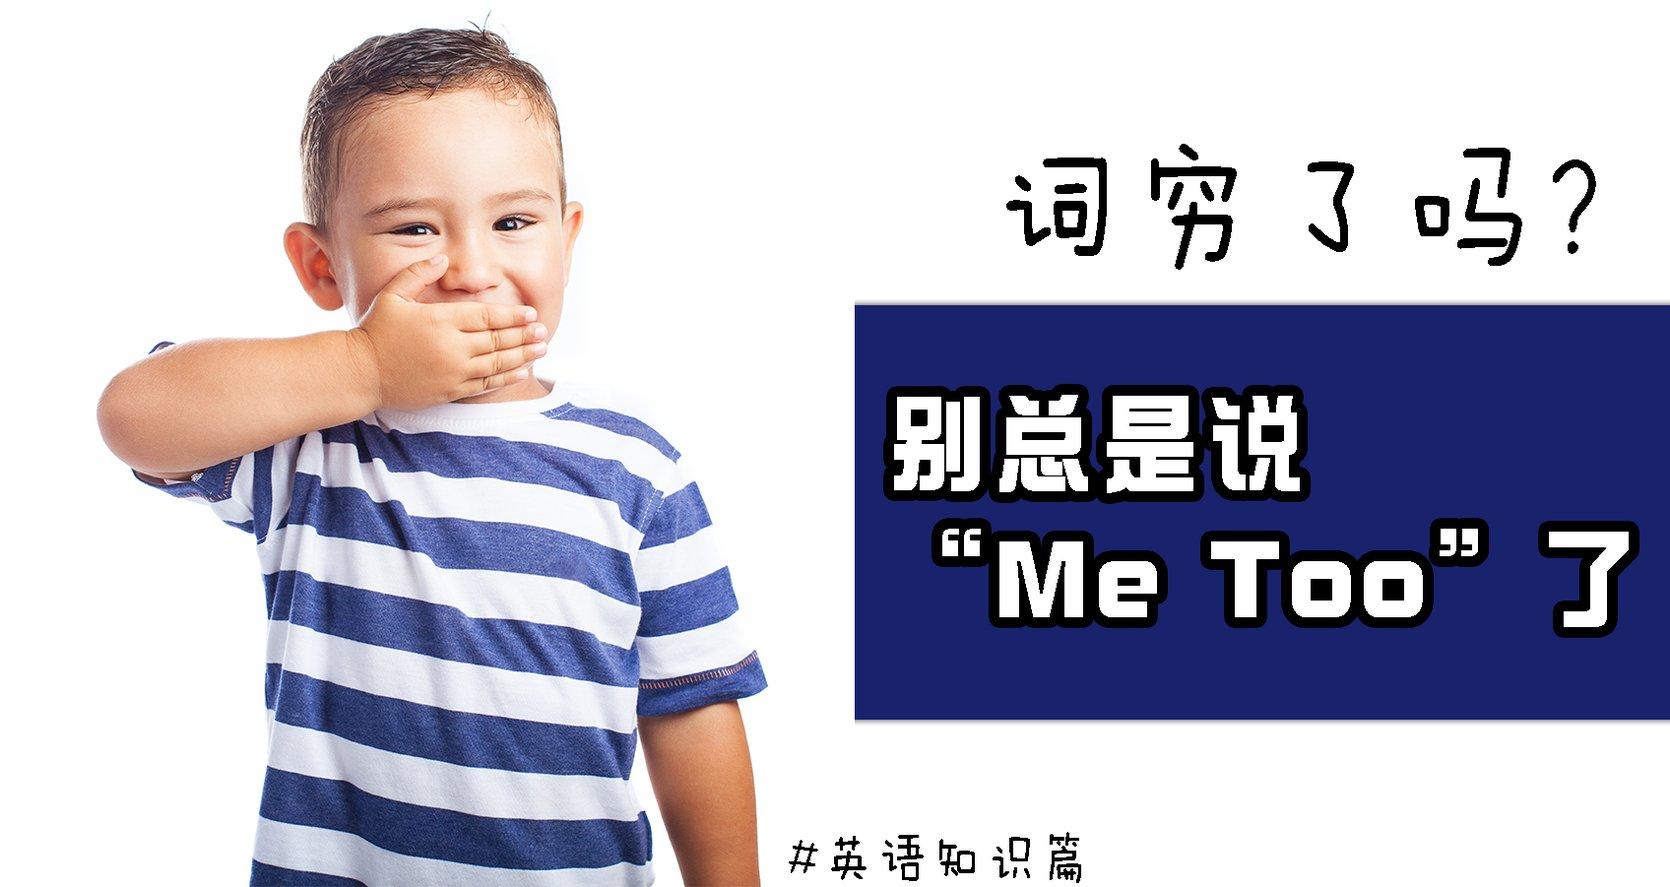 """更多表达""""Me Too""""的说法 让你的英语更地道"""